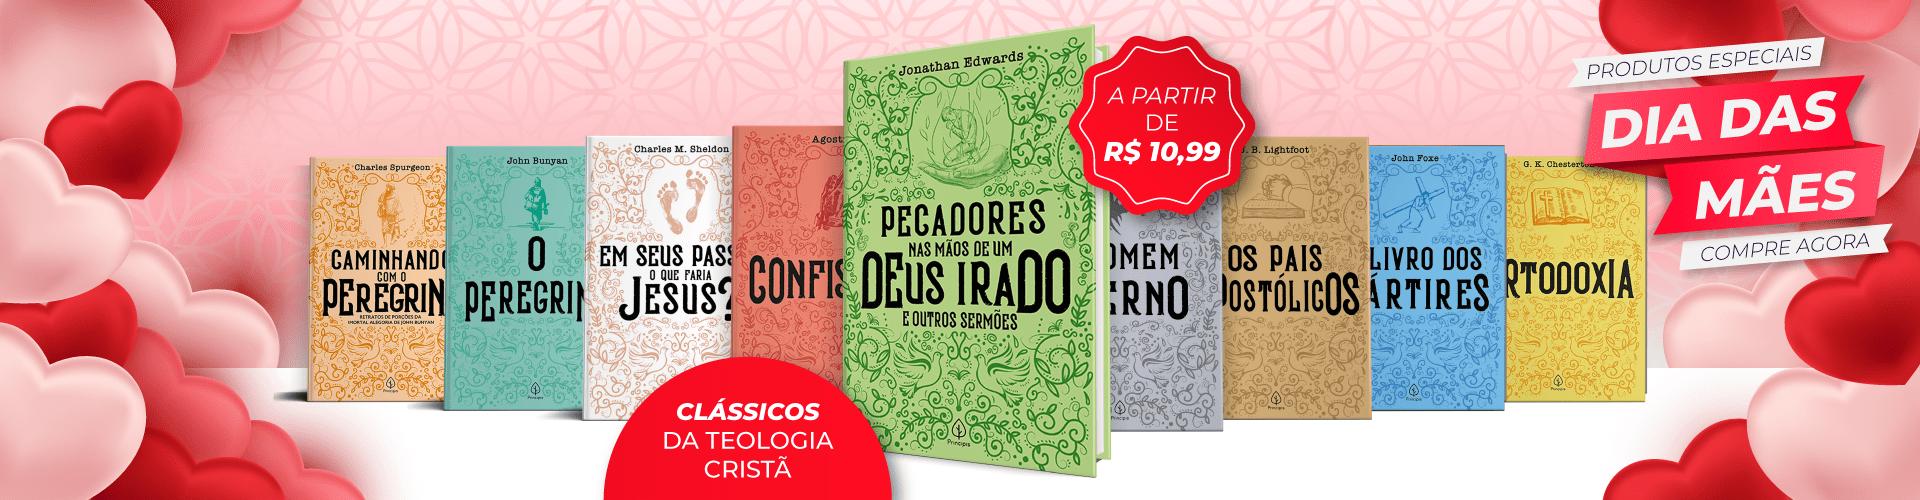 CLÁSSICOS DA LITERATURA CRISTÃ -  CAMPANHA DIA DAS MÃES